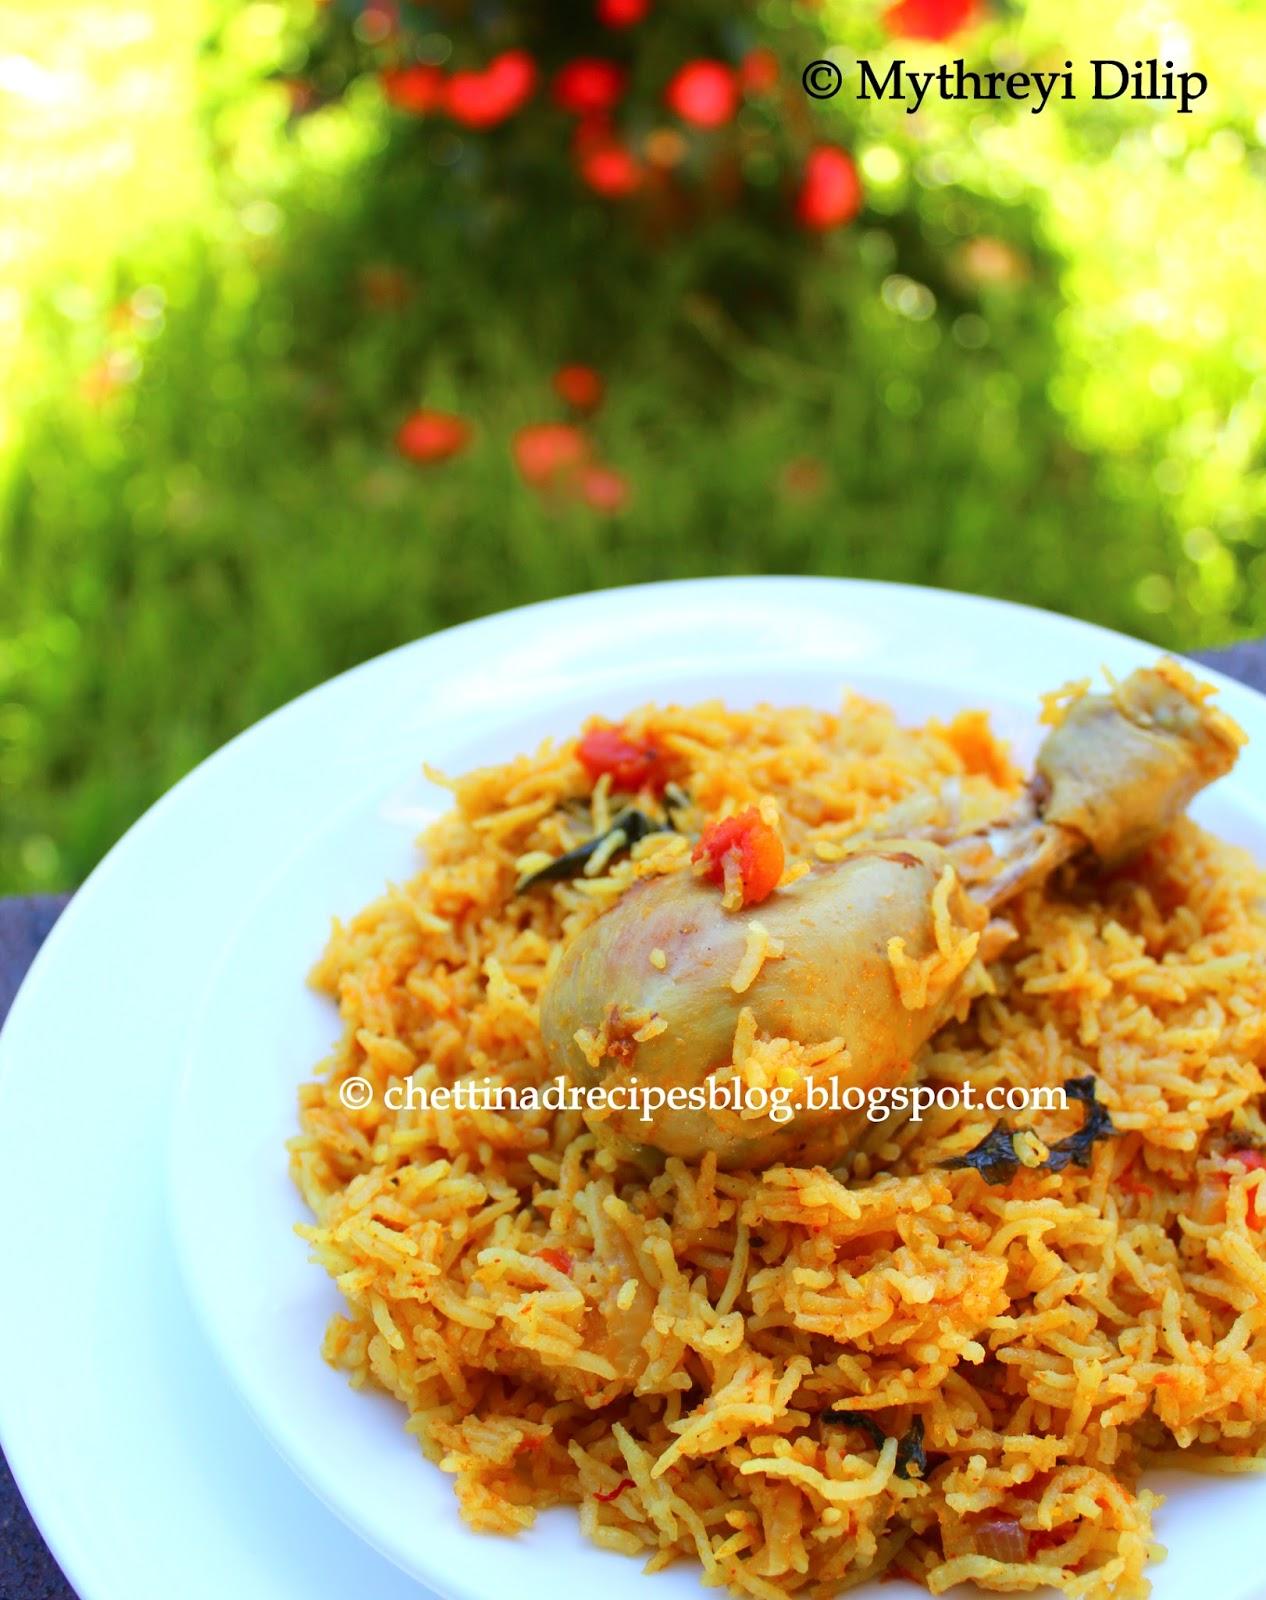 Chettinad chicken biryani kozhi biryani chettinad recipes chettinad chicken biryani kozhi biryani forumfinder Image collections